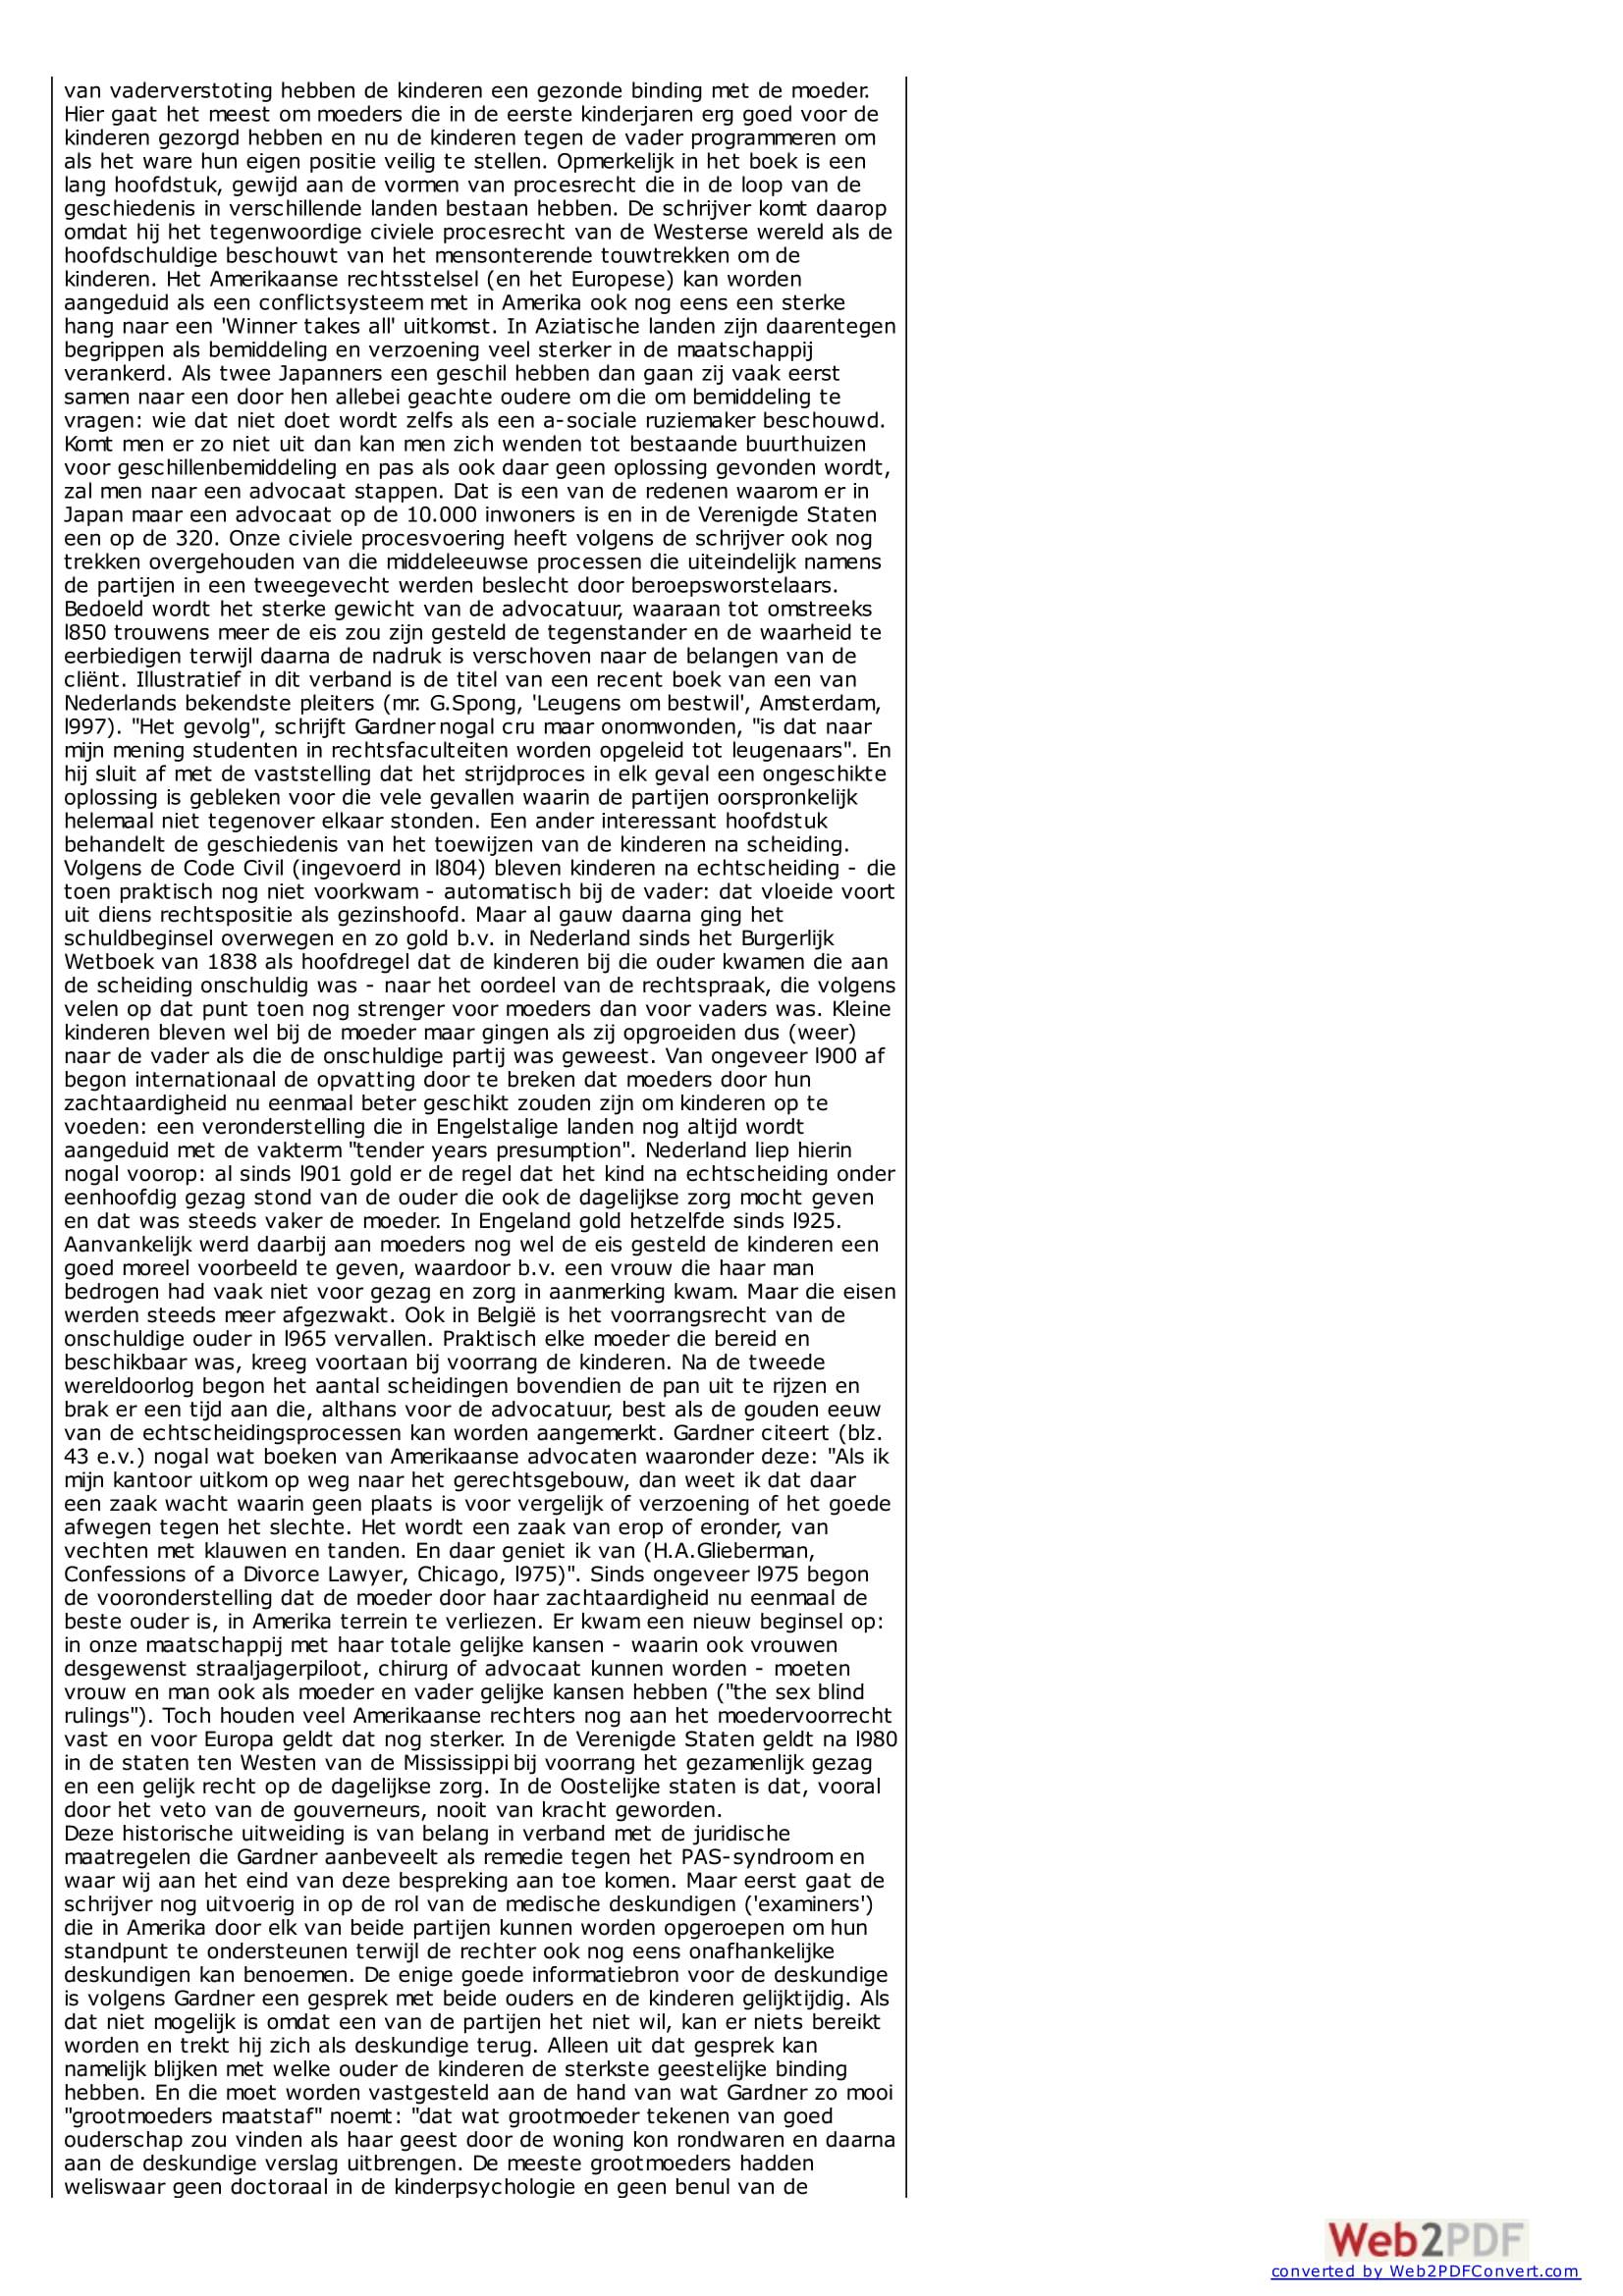 ouderverstoting-ned-robaltena-3jpg